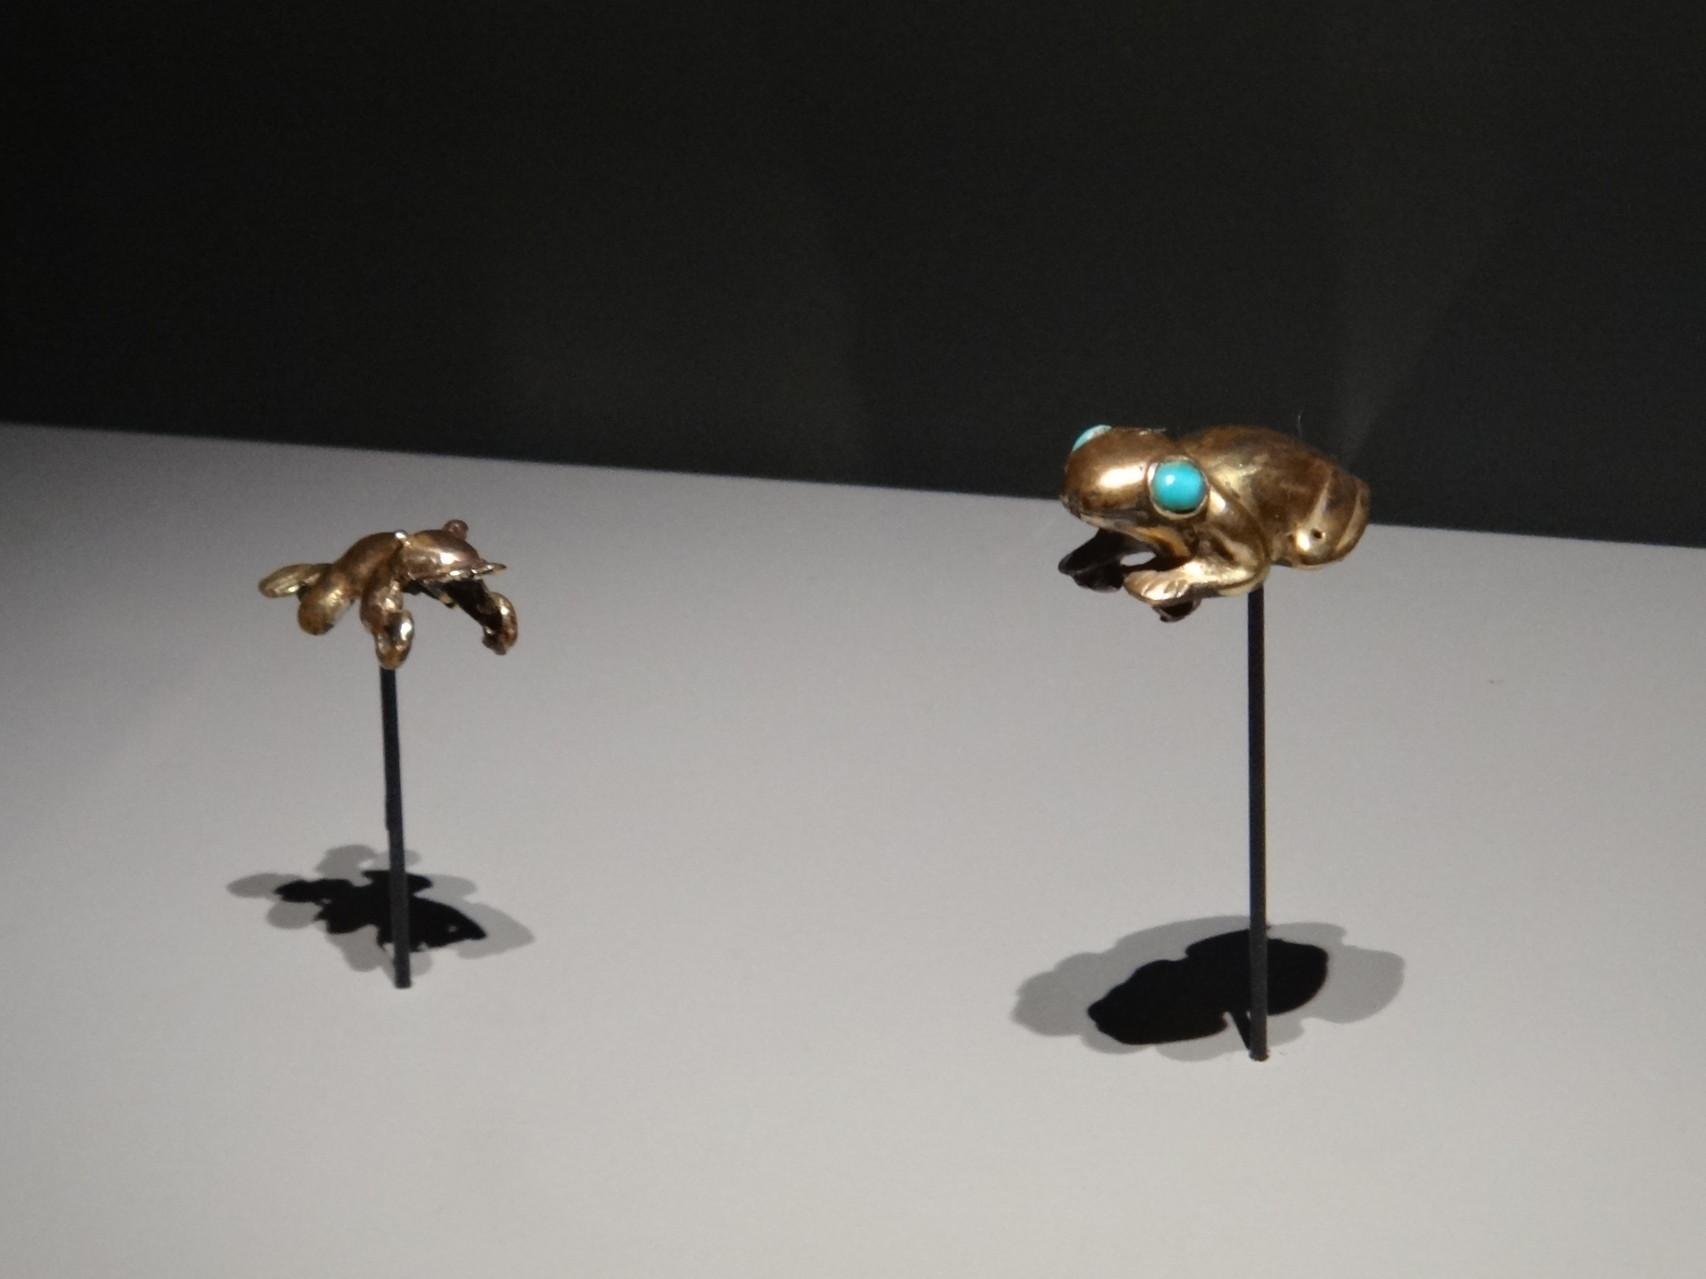 Grenouille en or aux yeux de turquoize, Chichen Itza,Yucatan, Mexique, 900-1250, or et turquoize.Par leurs coassements, grenuilles et crapauds annonçaient la pluie et la régénération de la terre et étaient associés à l'inframonde